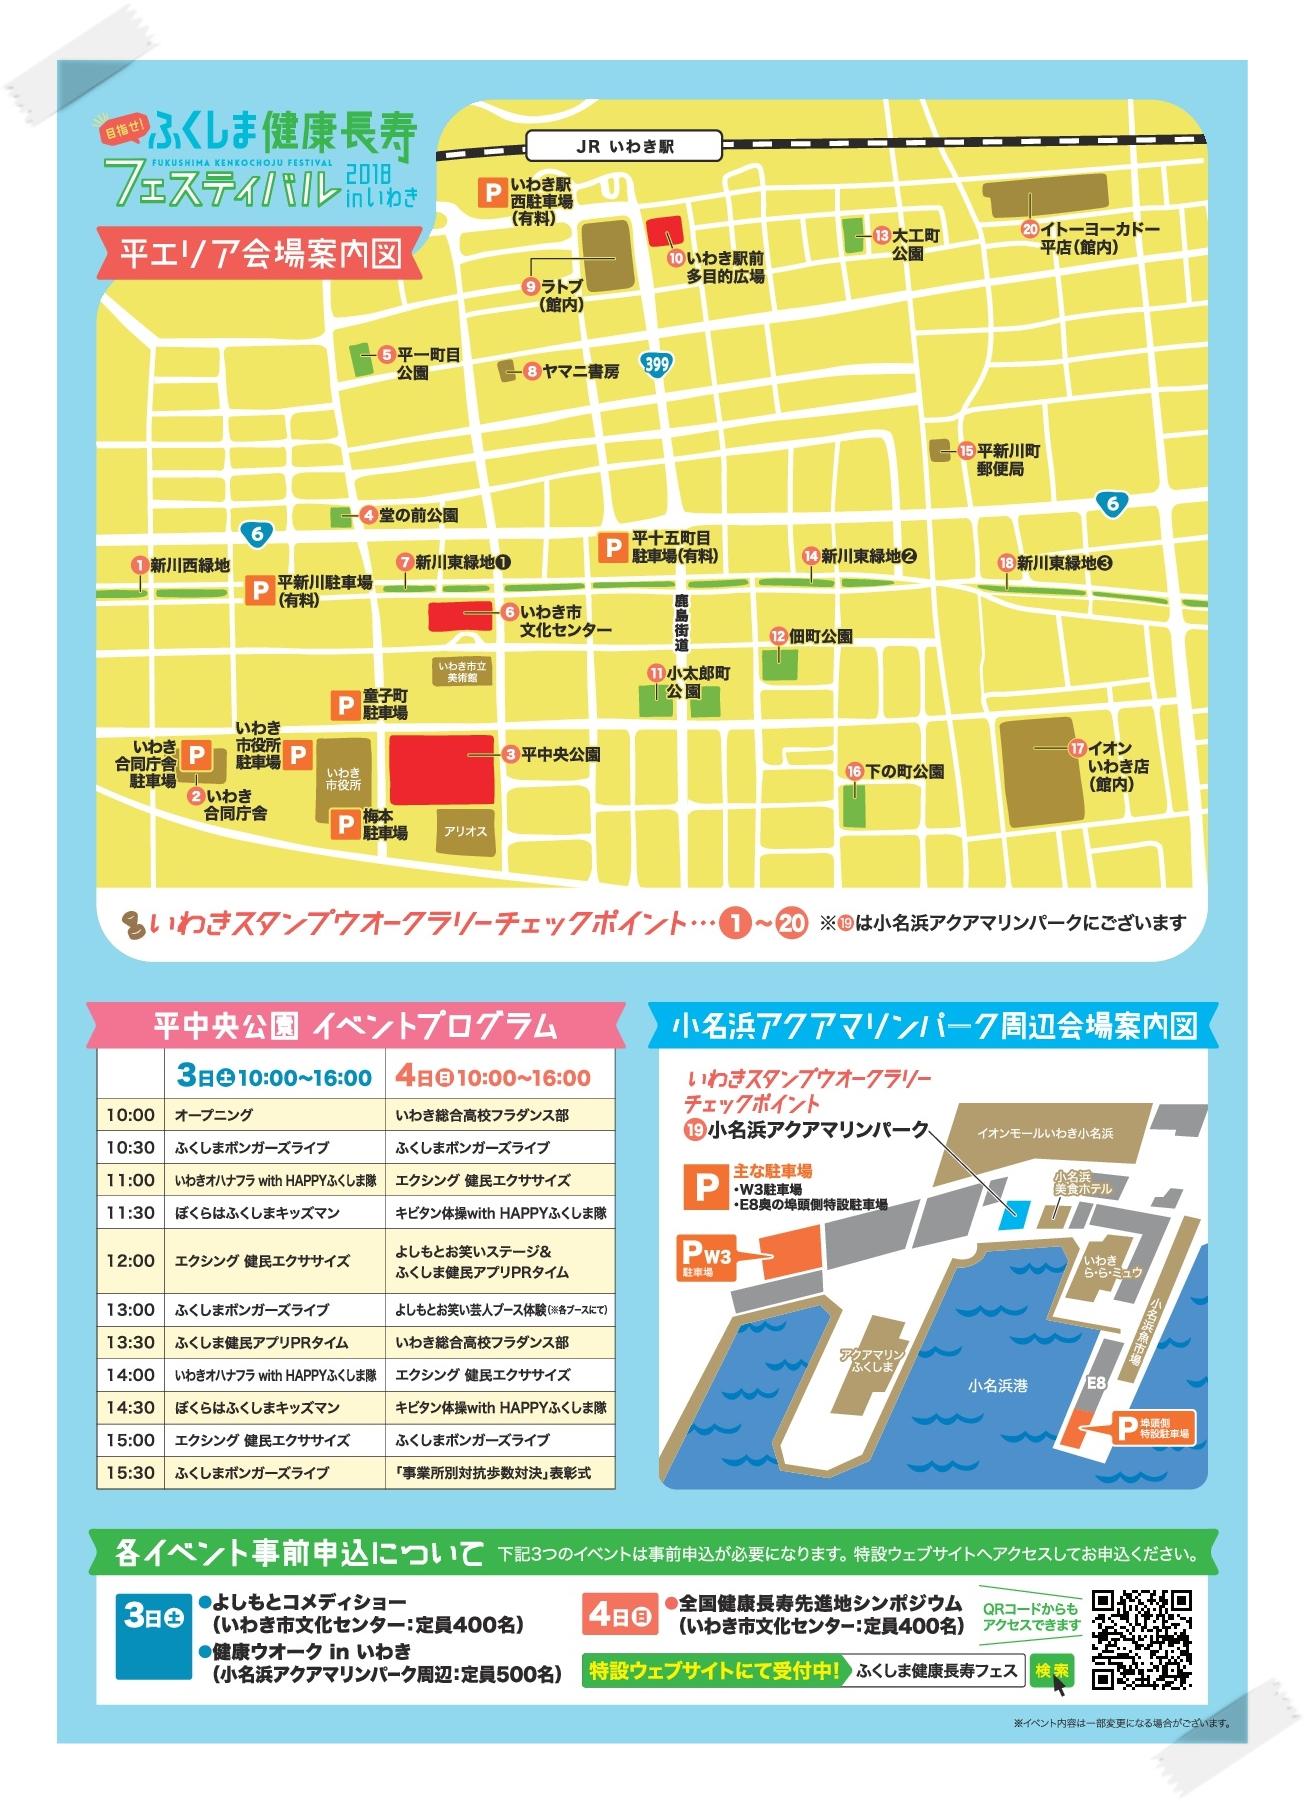 「目指せ!ふくしま健康長寿フェスティバル2018 in いわき」今週末開催! [平成30年10月29日(月)更新]2